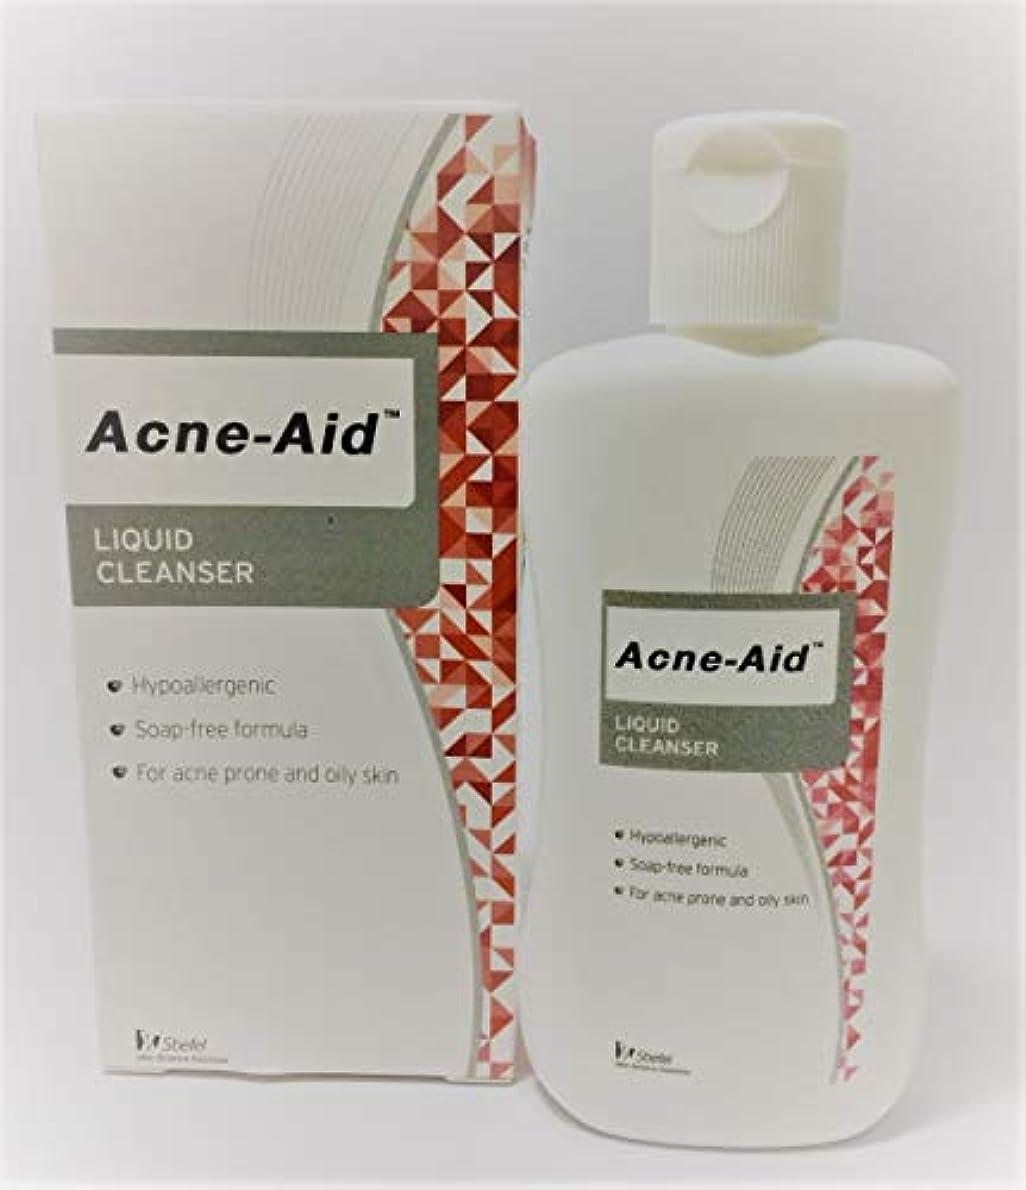 蜂届ける出発するAcne Aid液体クレンザー100 ml。(1 box)